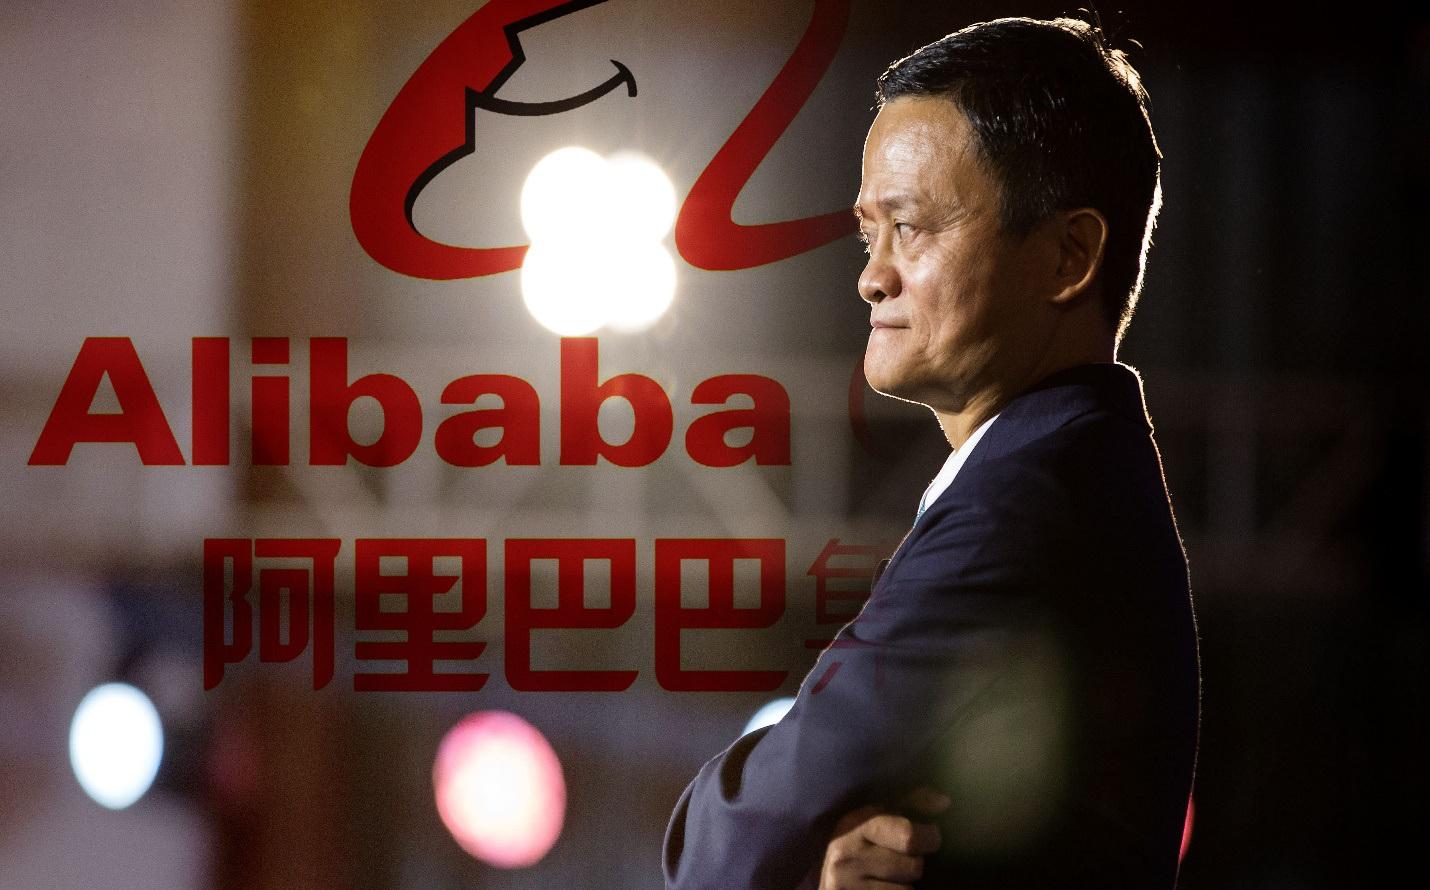 Alibaba của Jack Ma bị điều tra: Trung Quốc đang